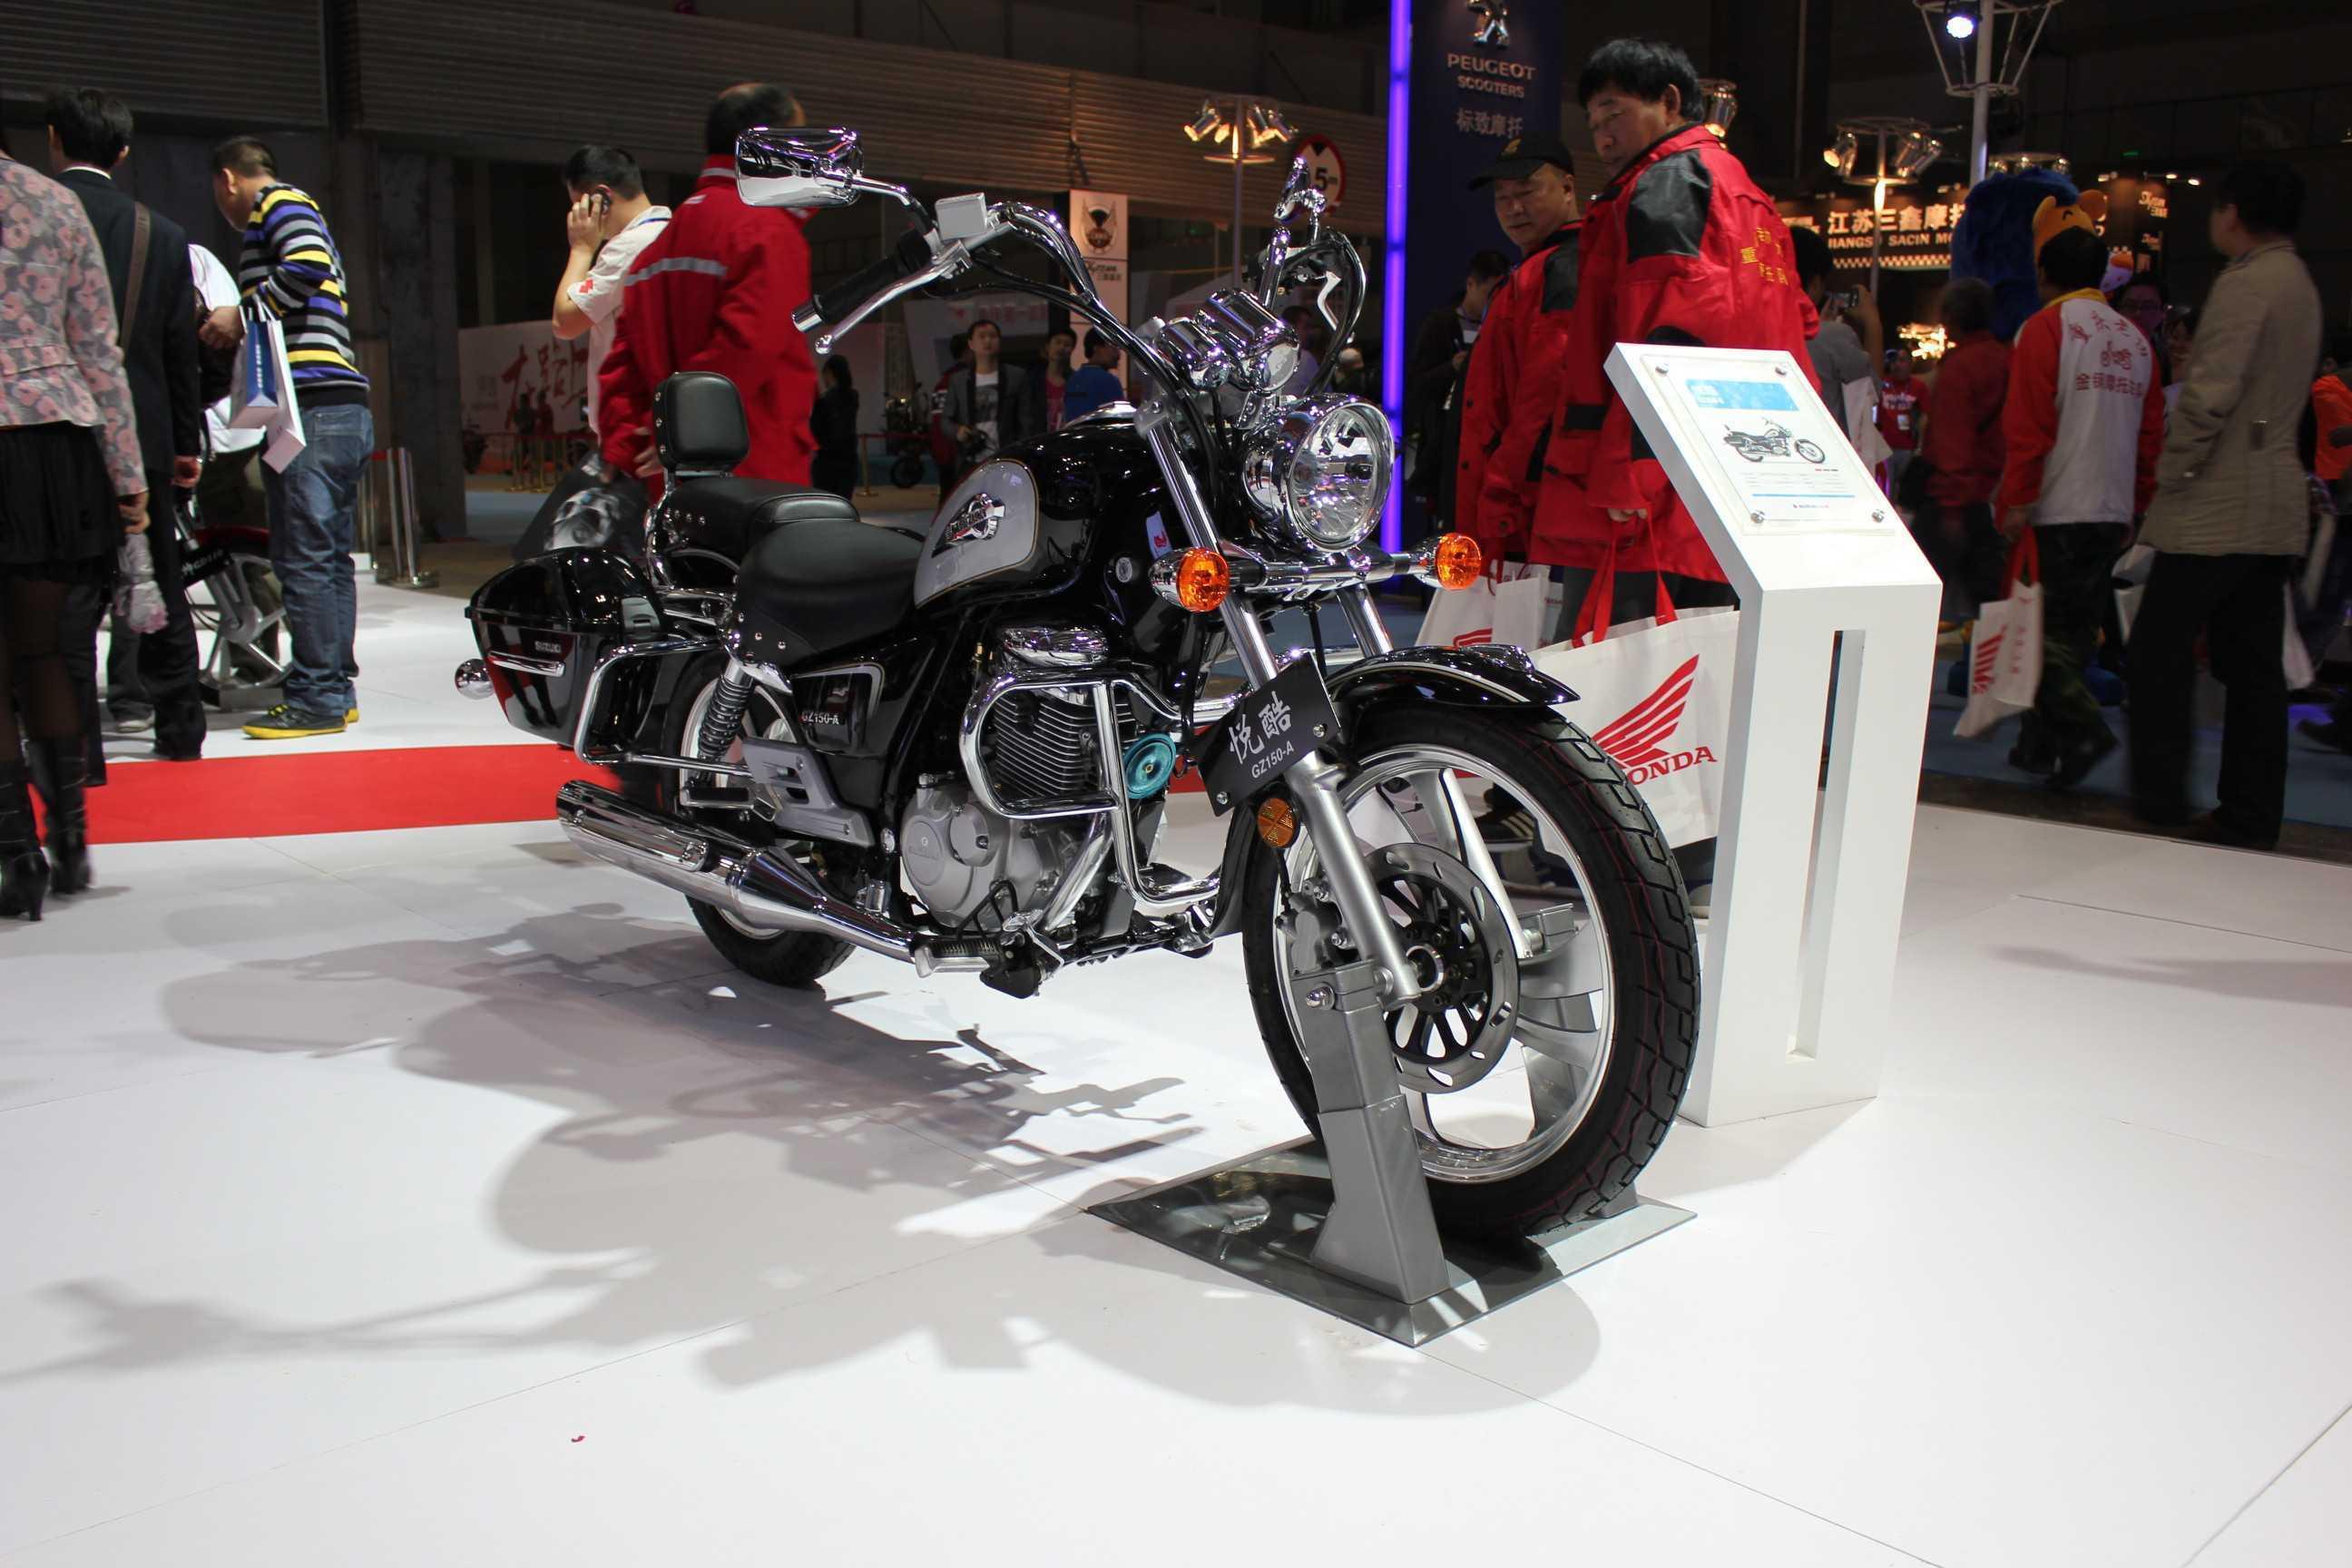 供应豪爵铃木太子摩托车悦酷gz150-a电喷 150cc 油耗1.